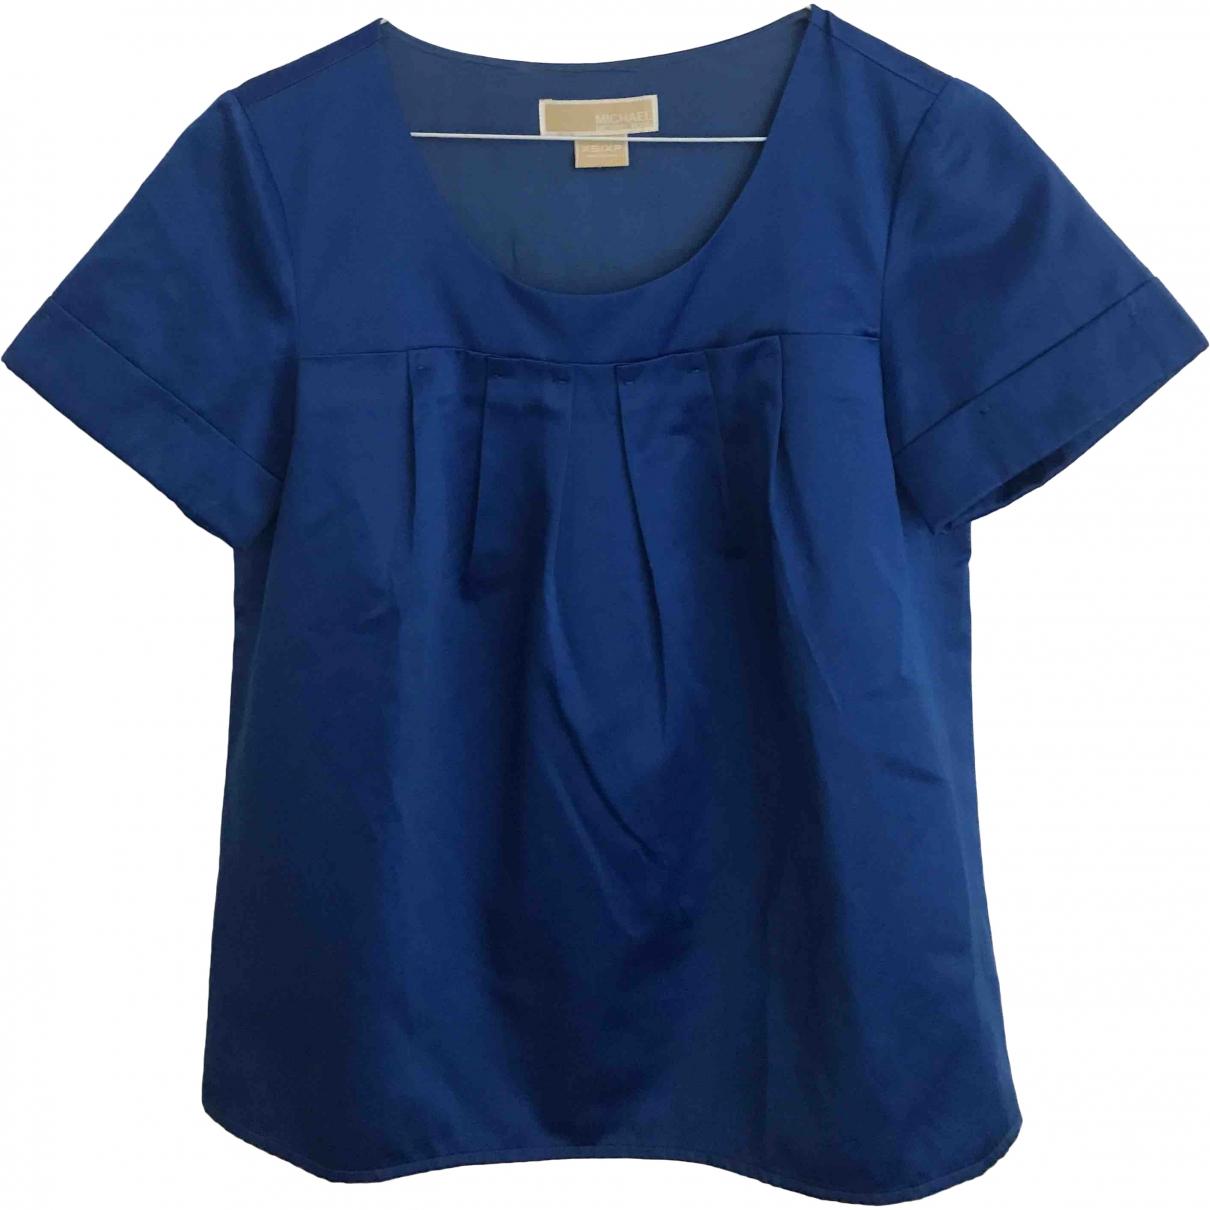 Michael Kors - Top   pour femme en coton - bleu